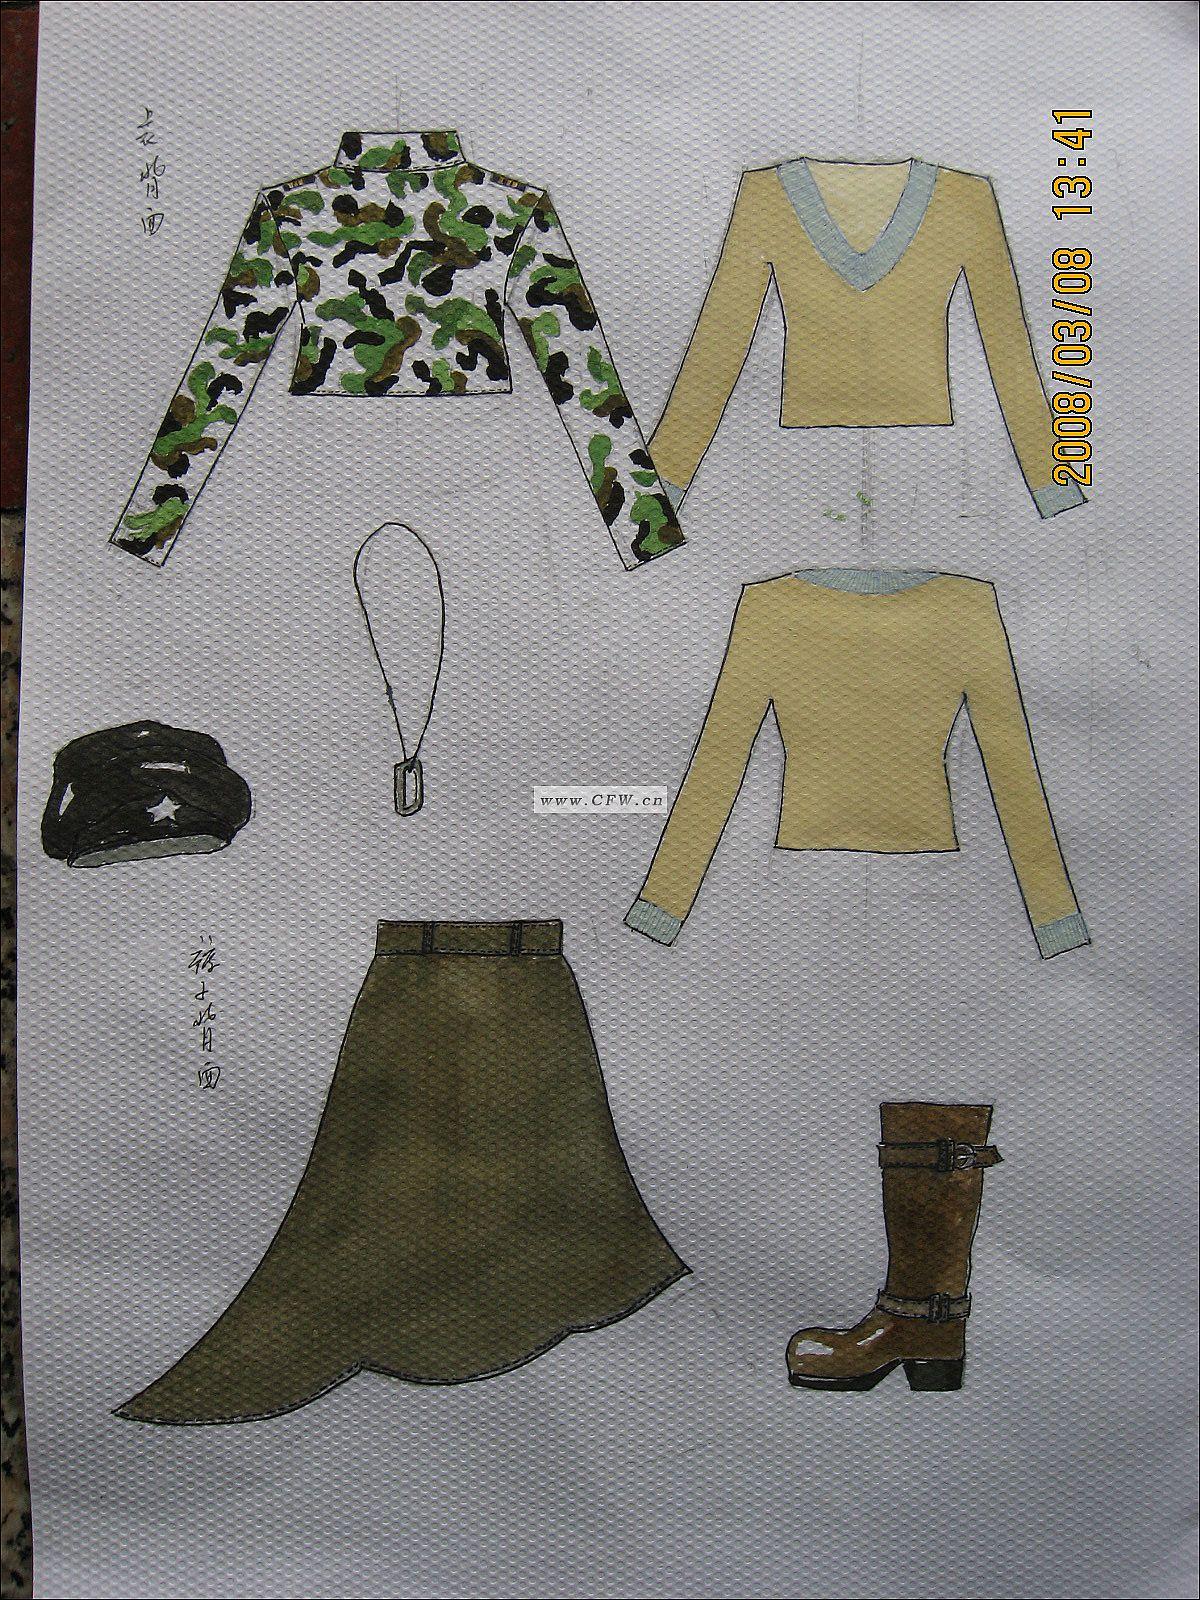 服装设计网 女装款式作品 > 套装/系列作品  012图片